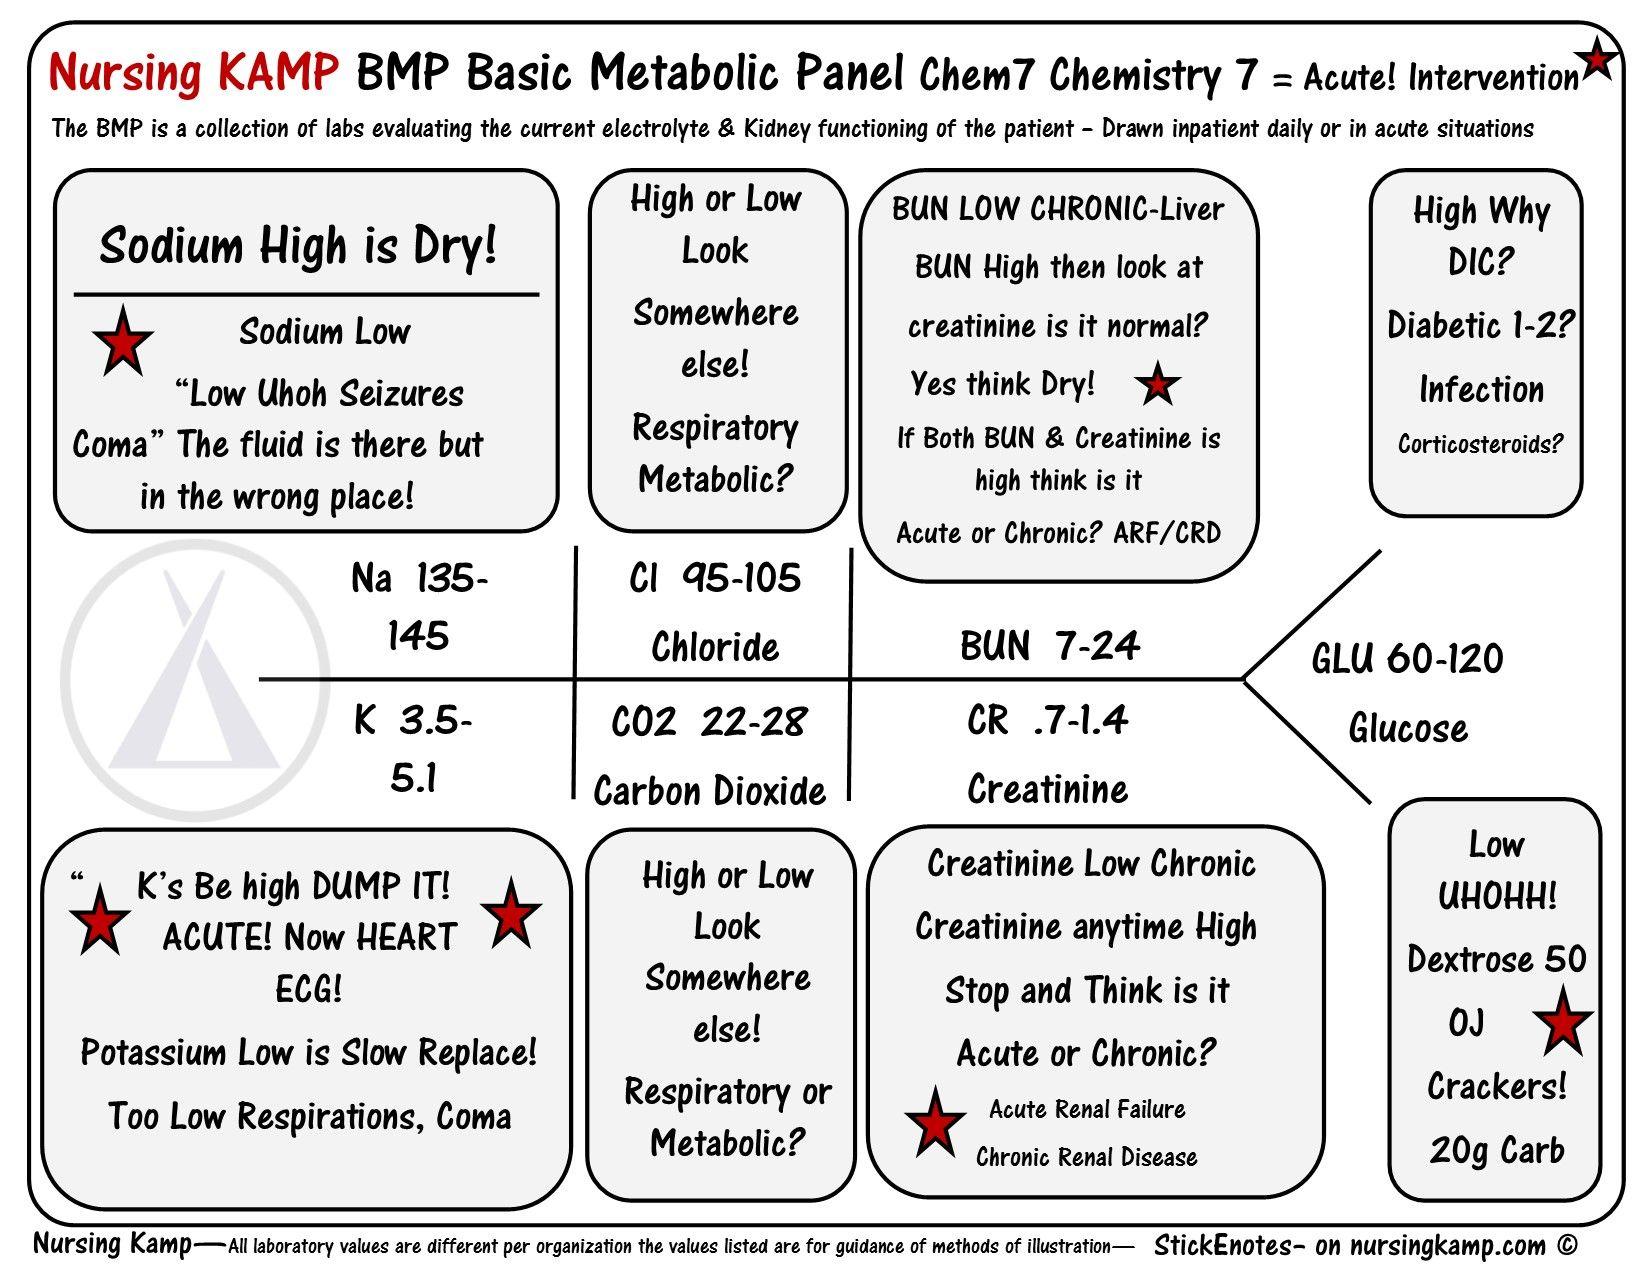 Nursingkamp Bmp Chem7 Fishbone Diagram Explaining